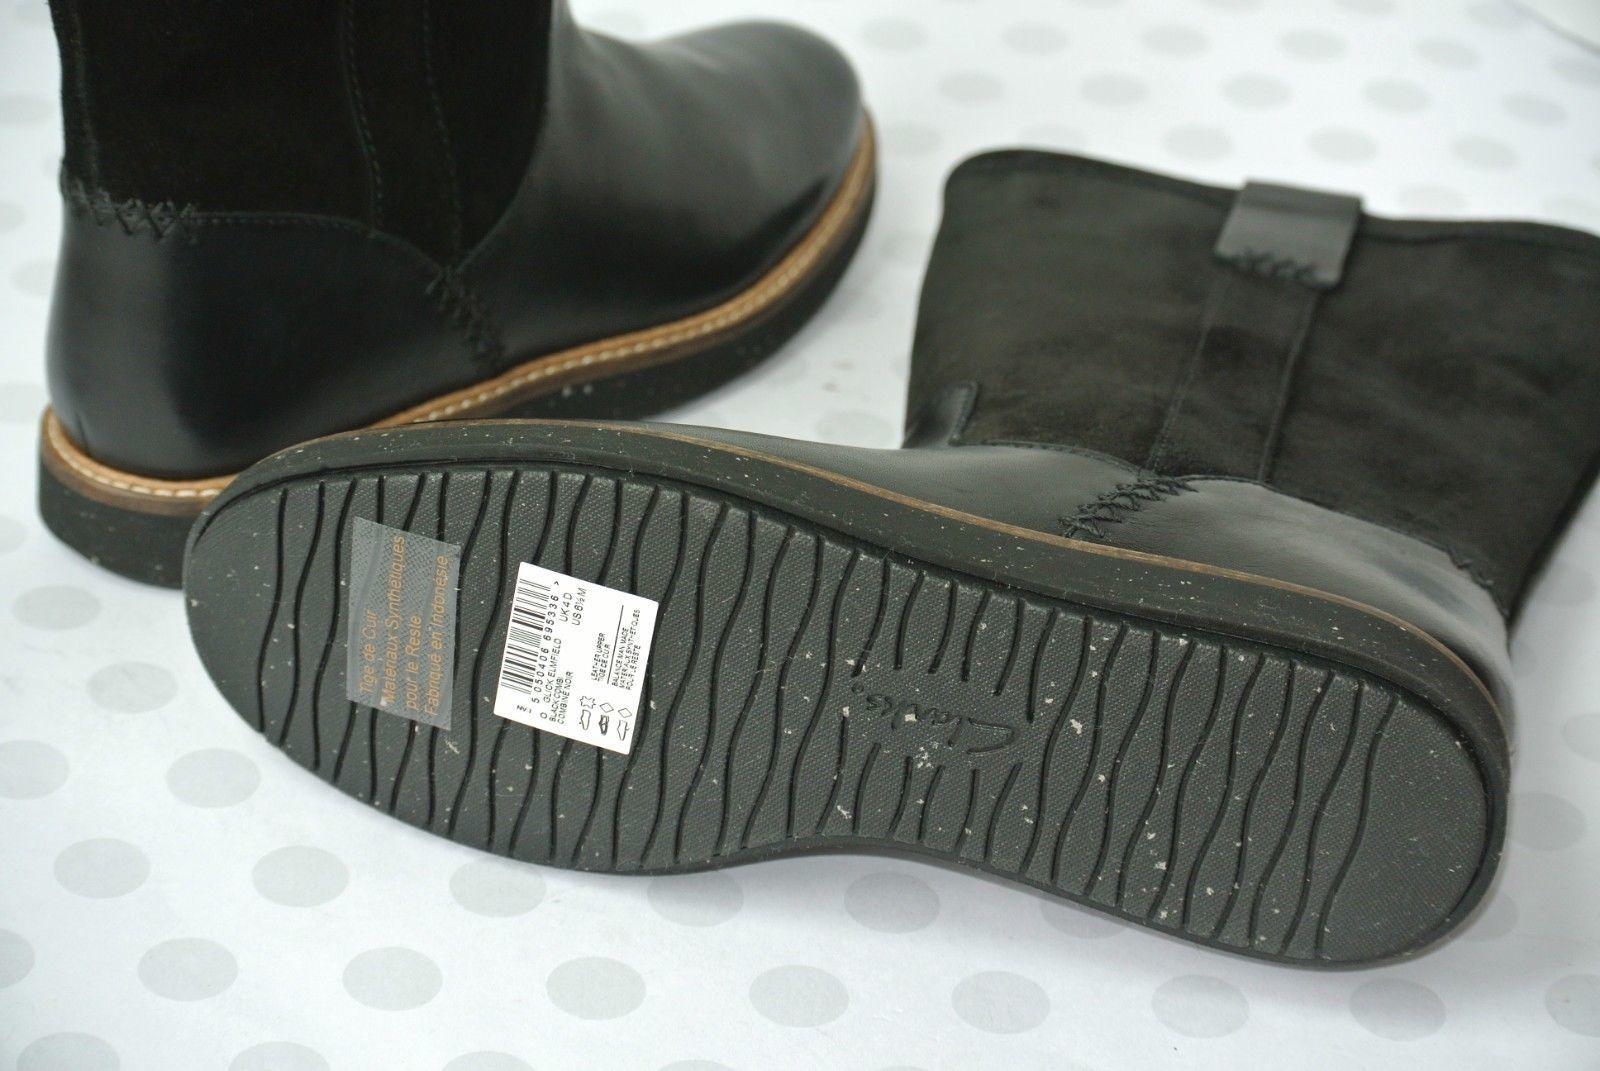 NEW Clarks Glick Elmfield Womens Sz 7.5 M Black Leather Mid Calf Boots $180